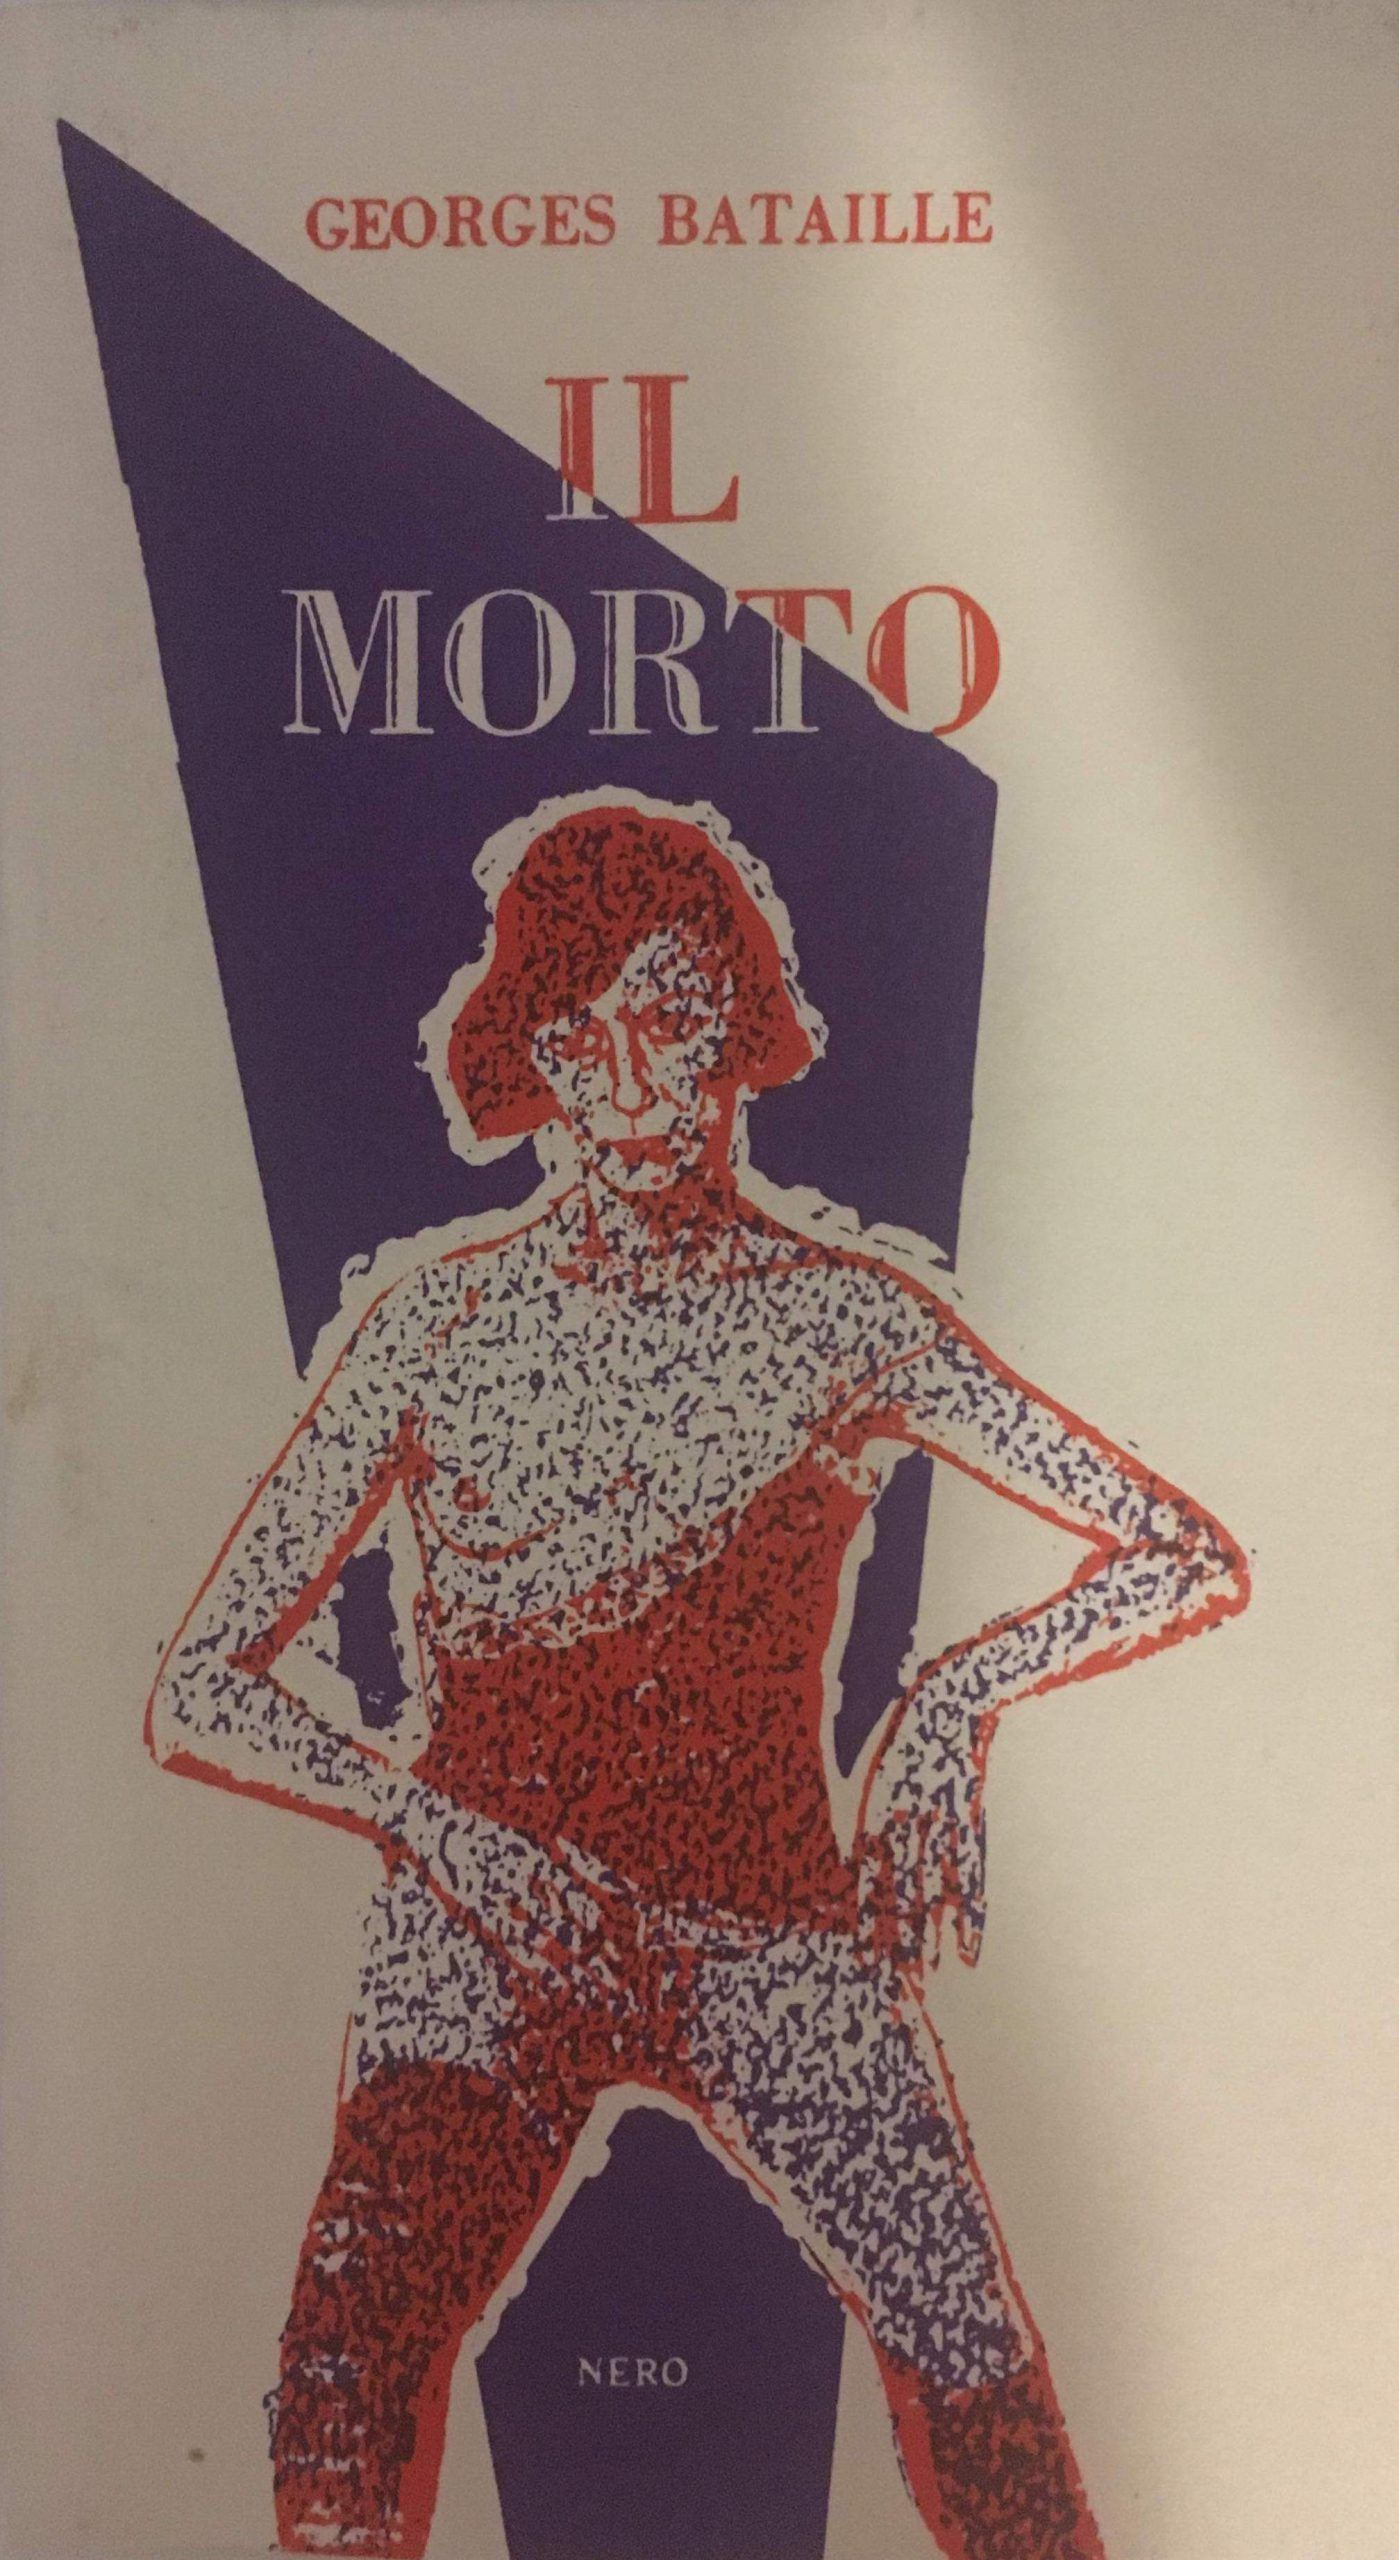 """Le edizioni """"Nero"""" di Georges Bataille"""